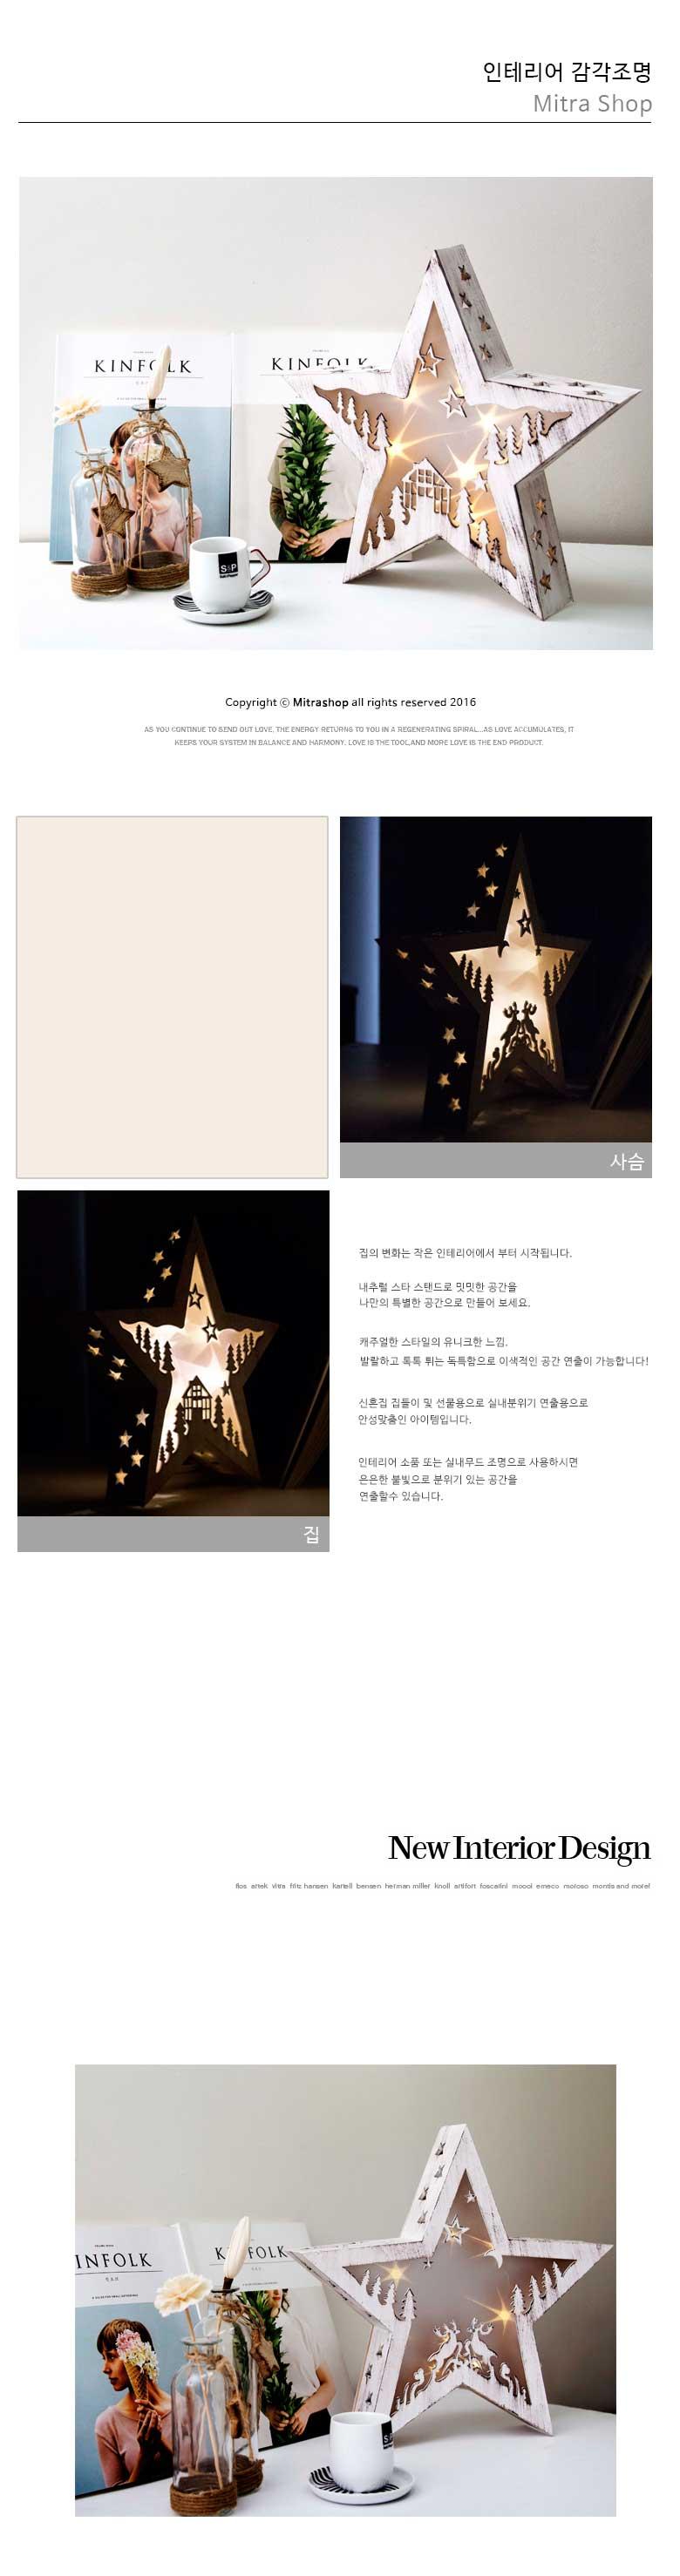 네츄럴스타 스탠드 - 미트라샵, 29,150원, 조명, 크리스마스조명